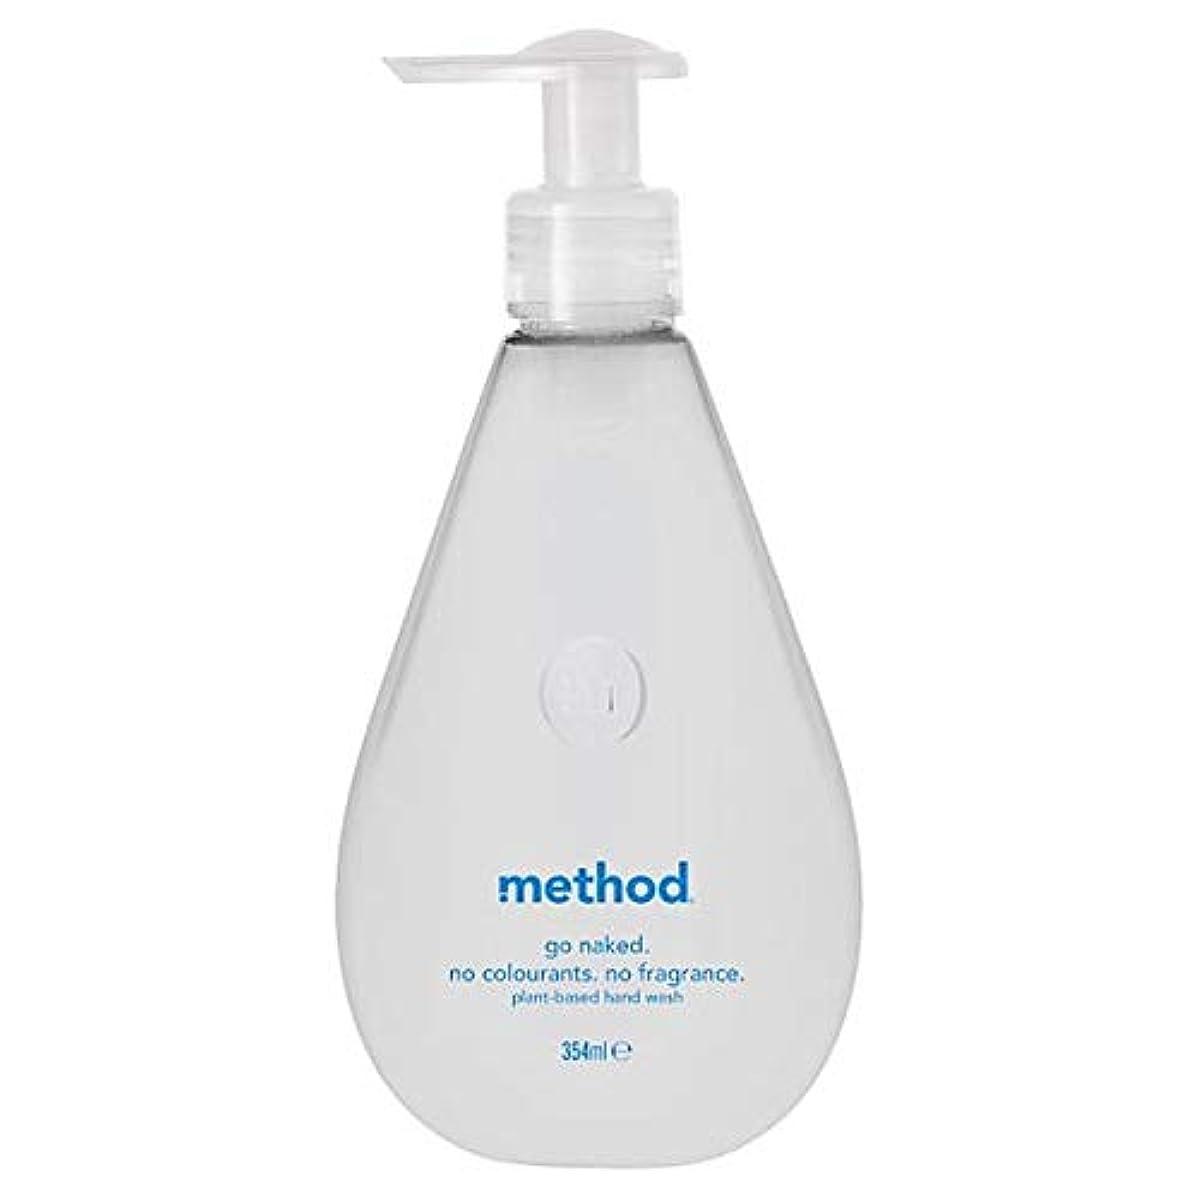 危機パイロットラグ[Method ] 方法裸手洗いゲル354ミリリットル - Method Naked Hand Wash Gel 354Ml [並行輸入品]